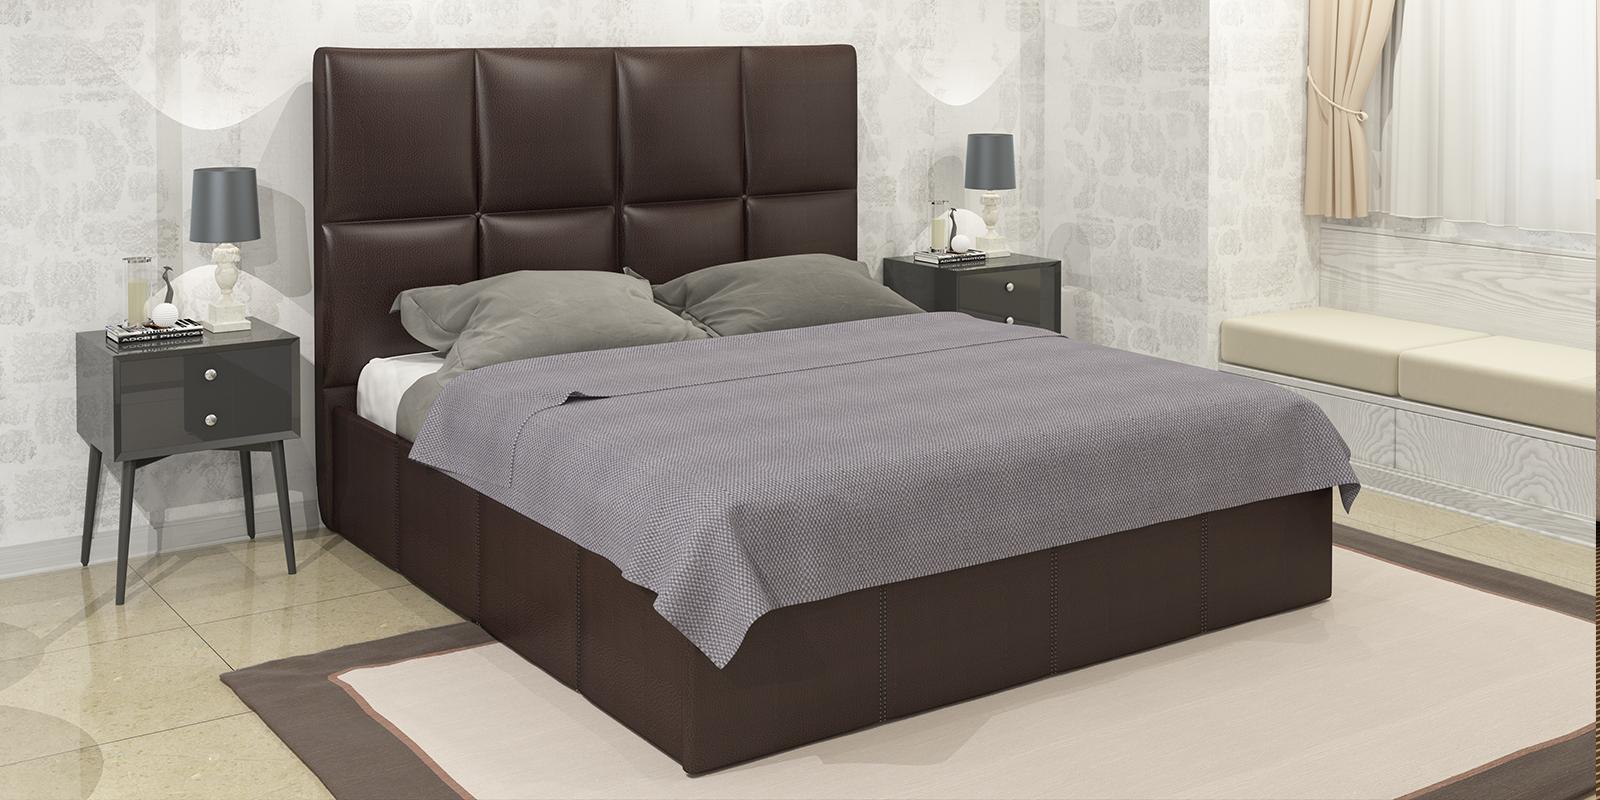 Мягкая кровать 200х160 Сицилия с подъемным механизмом (Шоколад) Сицилия